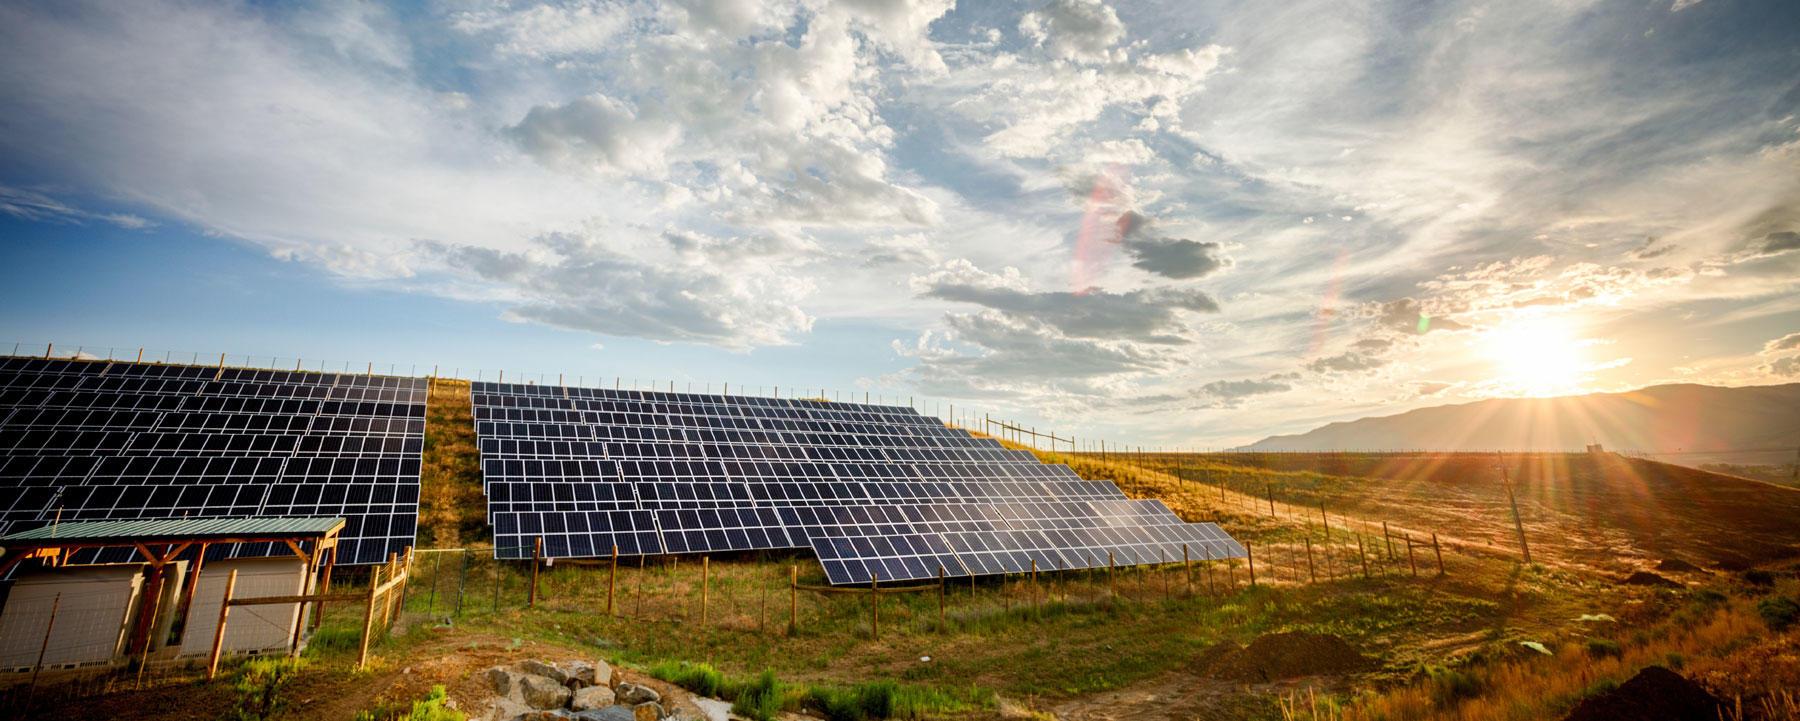 Solar panels against sunset